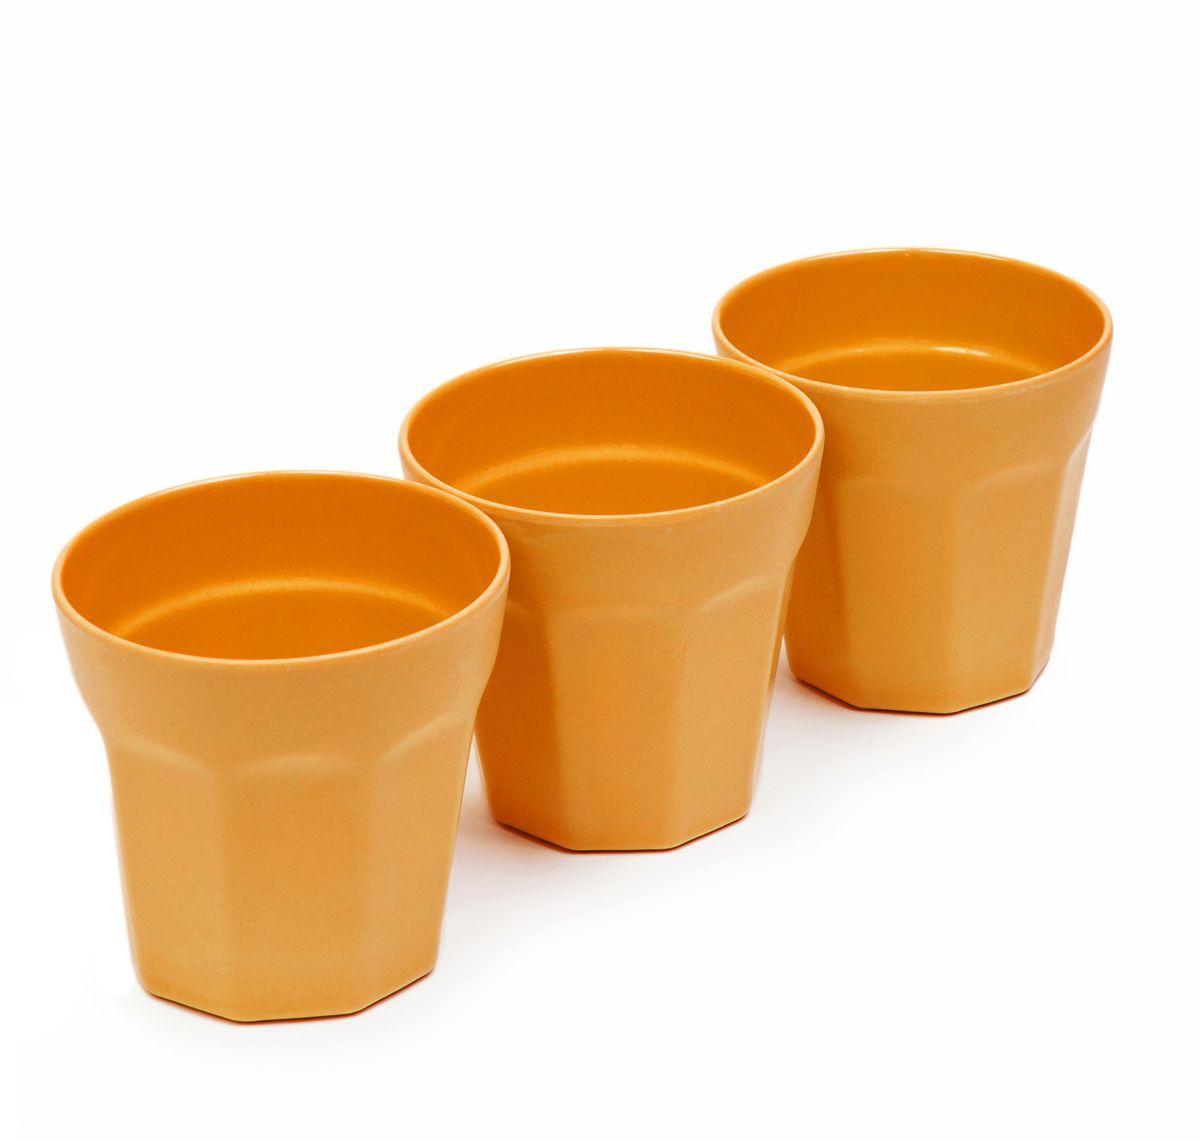 Набор стаканов MoulinVilla, цвет: оранжевый, 8,7 х 8,9 см, 3 штTSF-17-OПосуда из инновационного материала компании Moulinvilla. Продукт сделан из экологически чистой бамбуковой фибры. Посуда обладает естественными, антибактериальными свойствами. Диапазон температур: от -20 до +120 С. Можно мыть в посудомоечной машине в щадящем режиме. Посуда из бамбука - это яркий стильный дизайн и высокая функциональность.